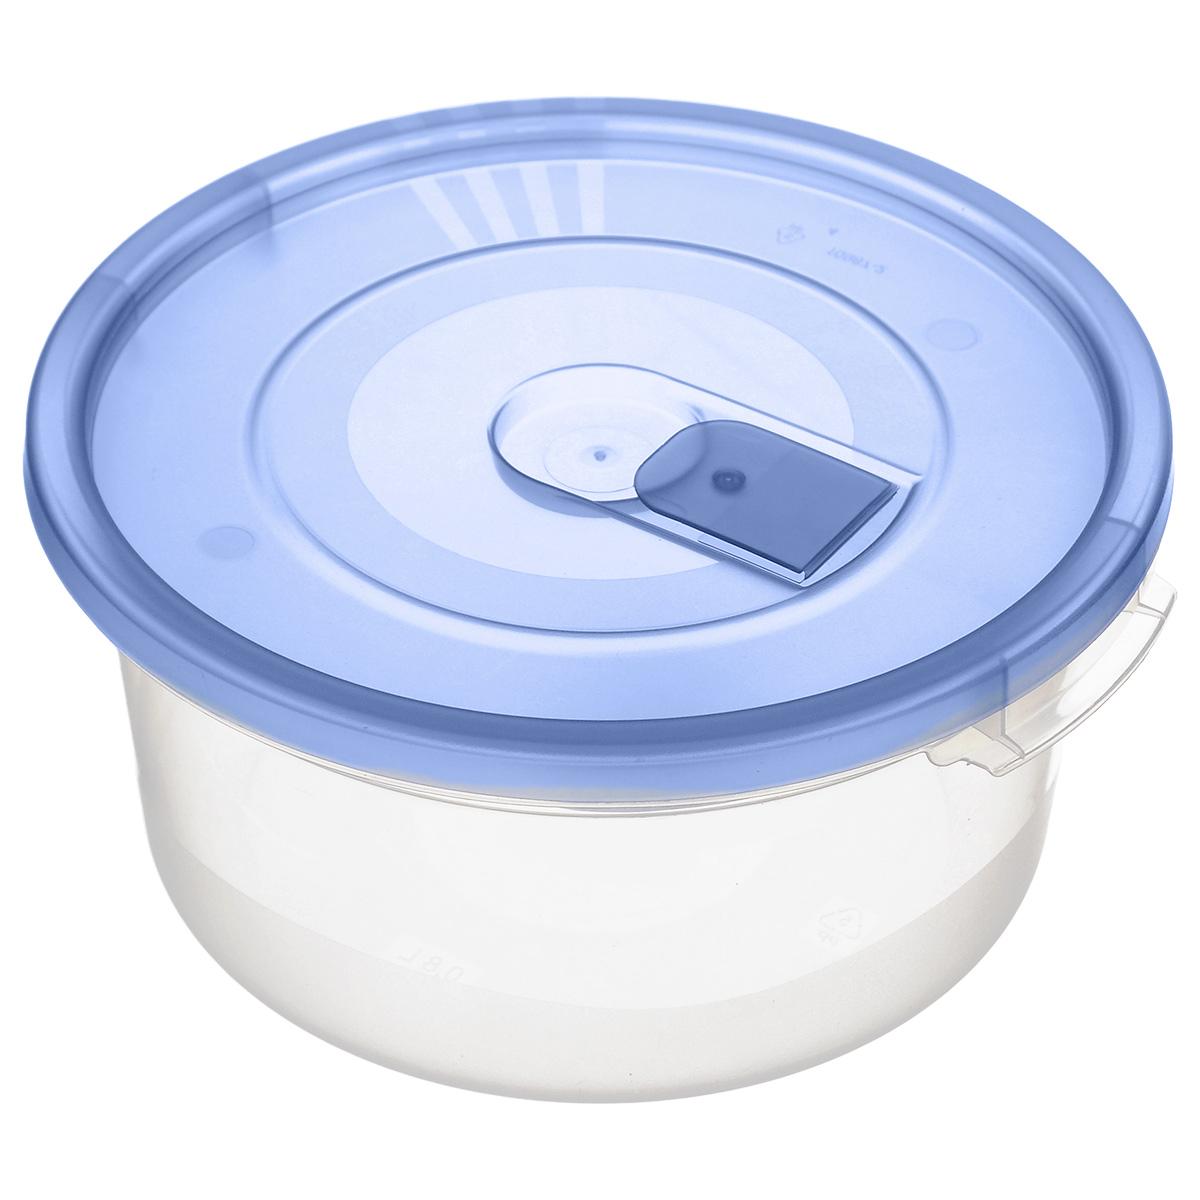 Контейнер Полимербыт Смайл, цвет: голубой, прозрачный, 800 млVT-1520(SR)Контейнер Полимербыт Смайл круглой формы, изготовленный из прочного пластика, специально предназначен для хранения пищевых продуктов. Контейнер оснащен герметичной крышкой со специальным клапаном, благодаря которому внутри создается вакуум и продукты дольше сохраняют свежесть и аромат. Крышка легко открывается и плотно закрывается.Стенки контейнера прозрачные - хорошо видно, что внутри. Контейнер устойчив к воздействию масел и жиров, легко моется. Контейнер имеет возможность хранения продуктов глубокой заморозки, обладает высокой прочностью. Можно мыть в посудомоечной машине. Подходит для использования в микроволновых печах. Диаметр: 15 см. Высота (без крышки): 7 см.